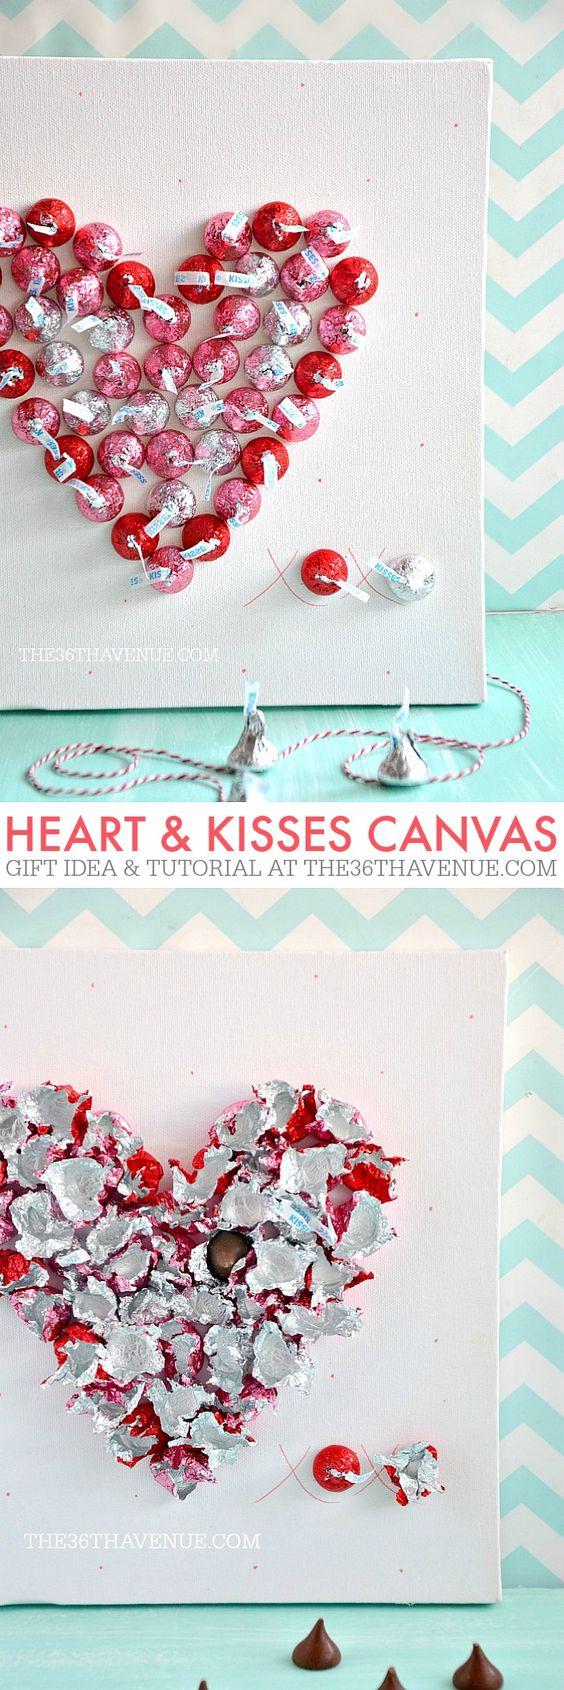 corazon kisses